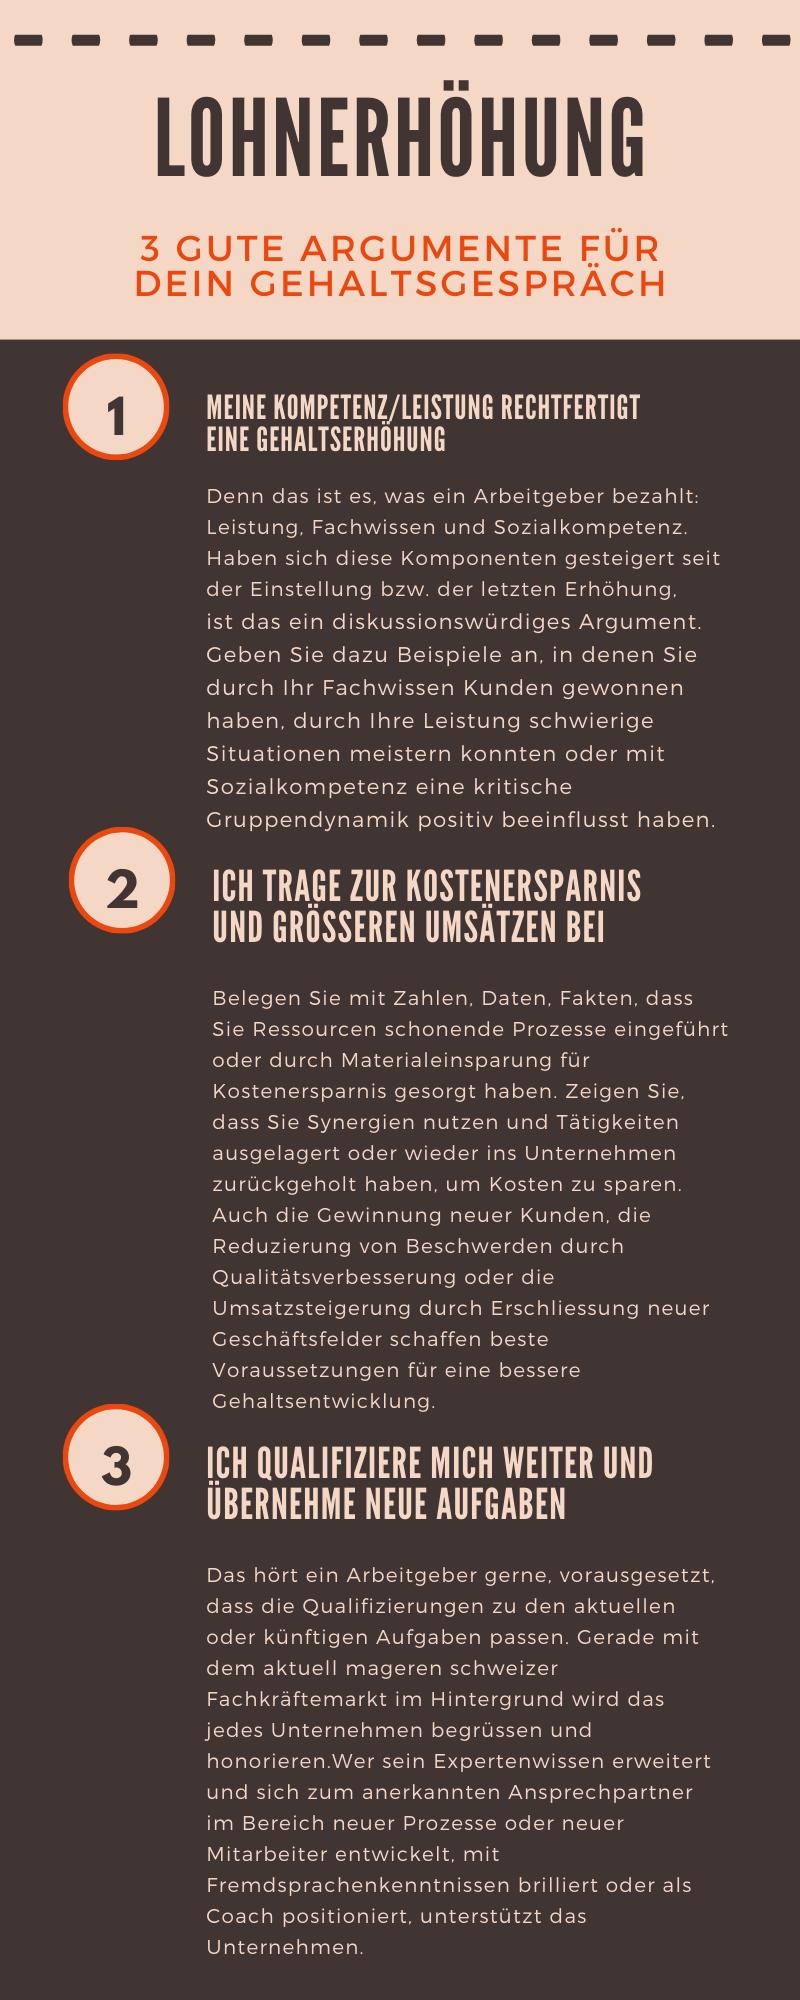 Lohnerhohung 3 Gute Argumente Fur Dein Gehaltsgesprach In 2020 Erhohung Arbeiten In Der Schweiz Soziale Kompetenz